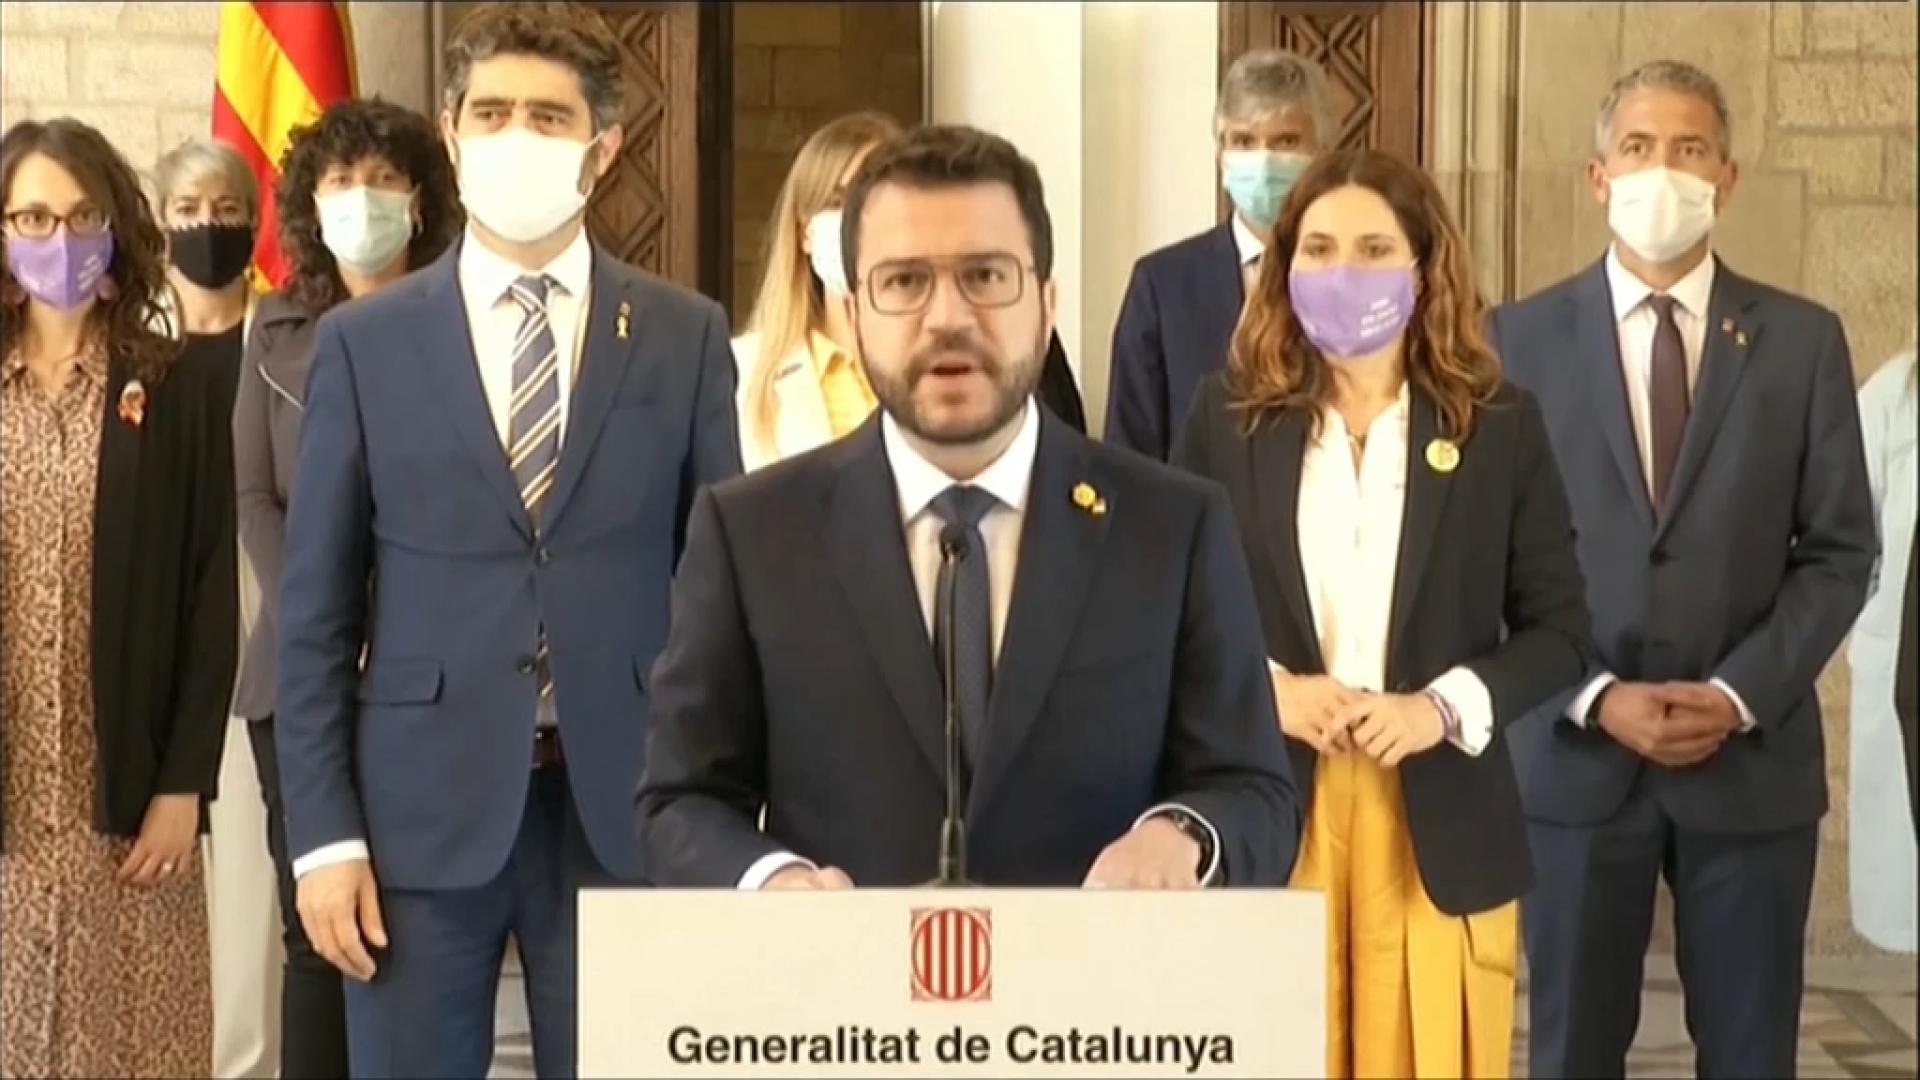 Aragon%C3%A8s%2C+a+S%C3%A1nchez%3A+%22%C3%89s+l%27hora+de+l%27amnistia+i+d%27un+refer%C3%A8ndum+acordat%22